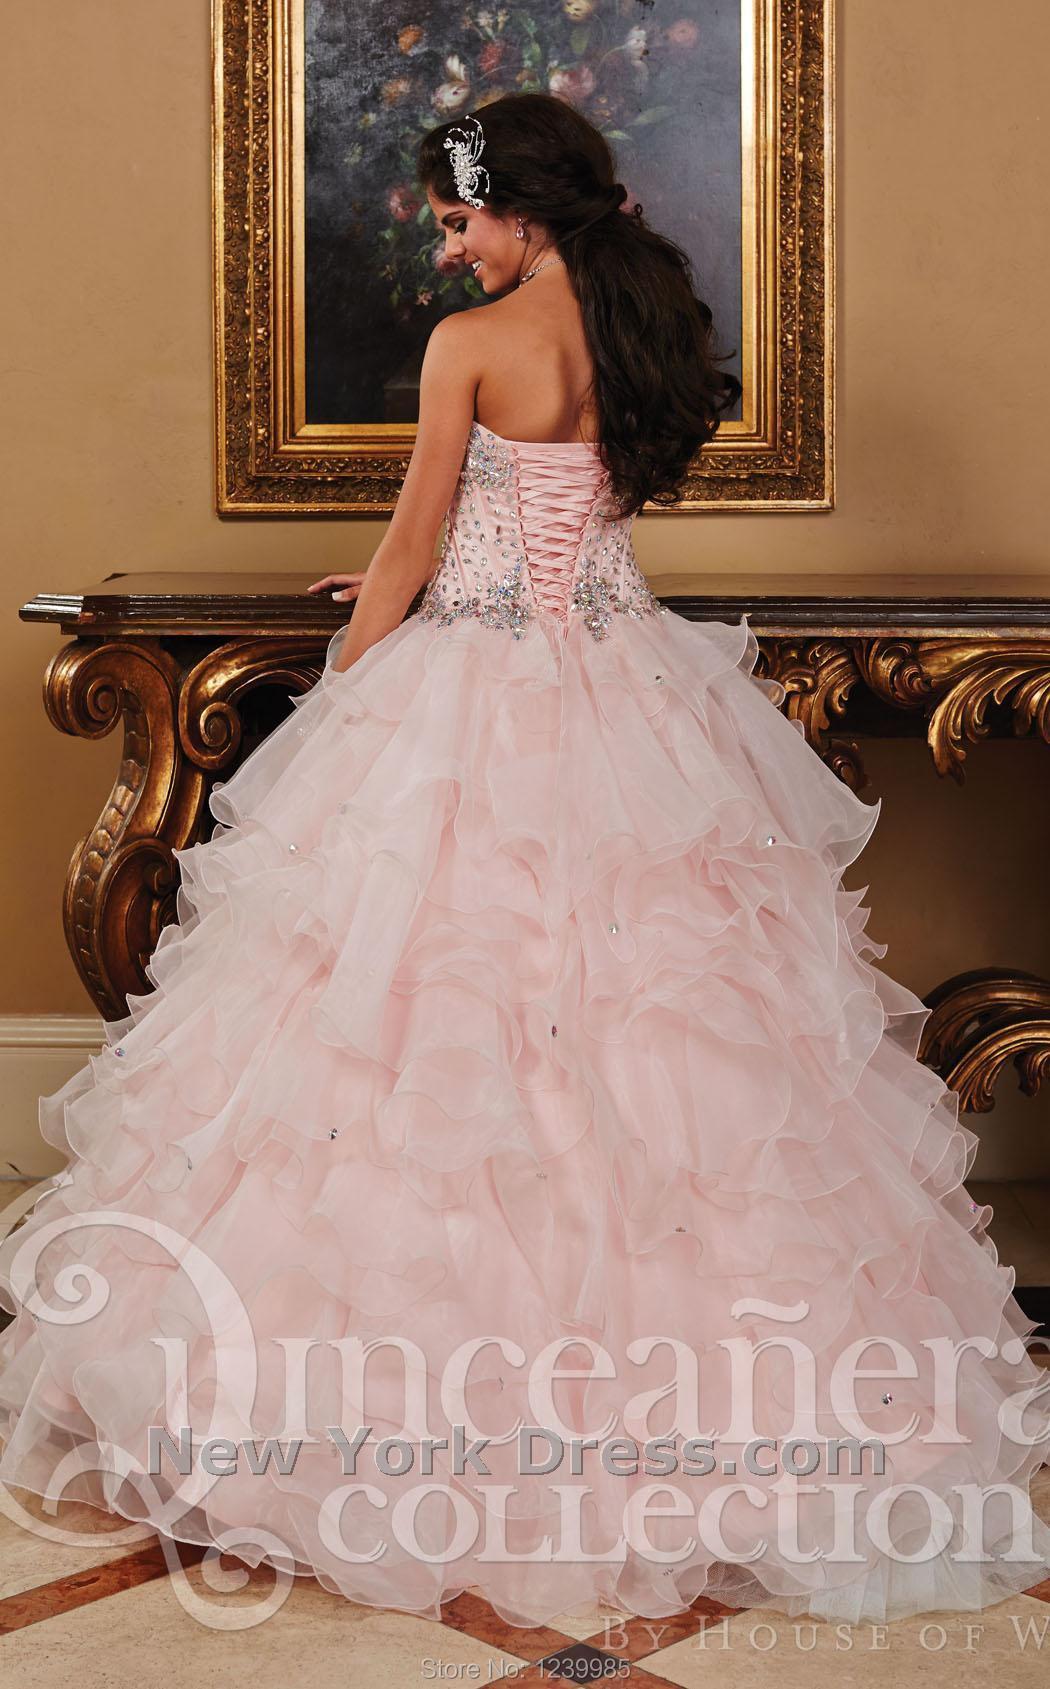 Hermosa Vestidos De Novia Con Cristales Foto - Colección de Vestidos ...